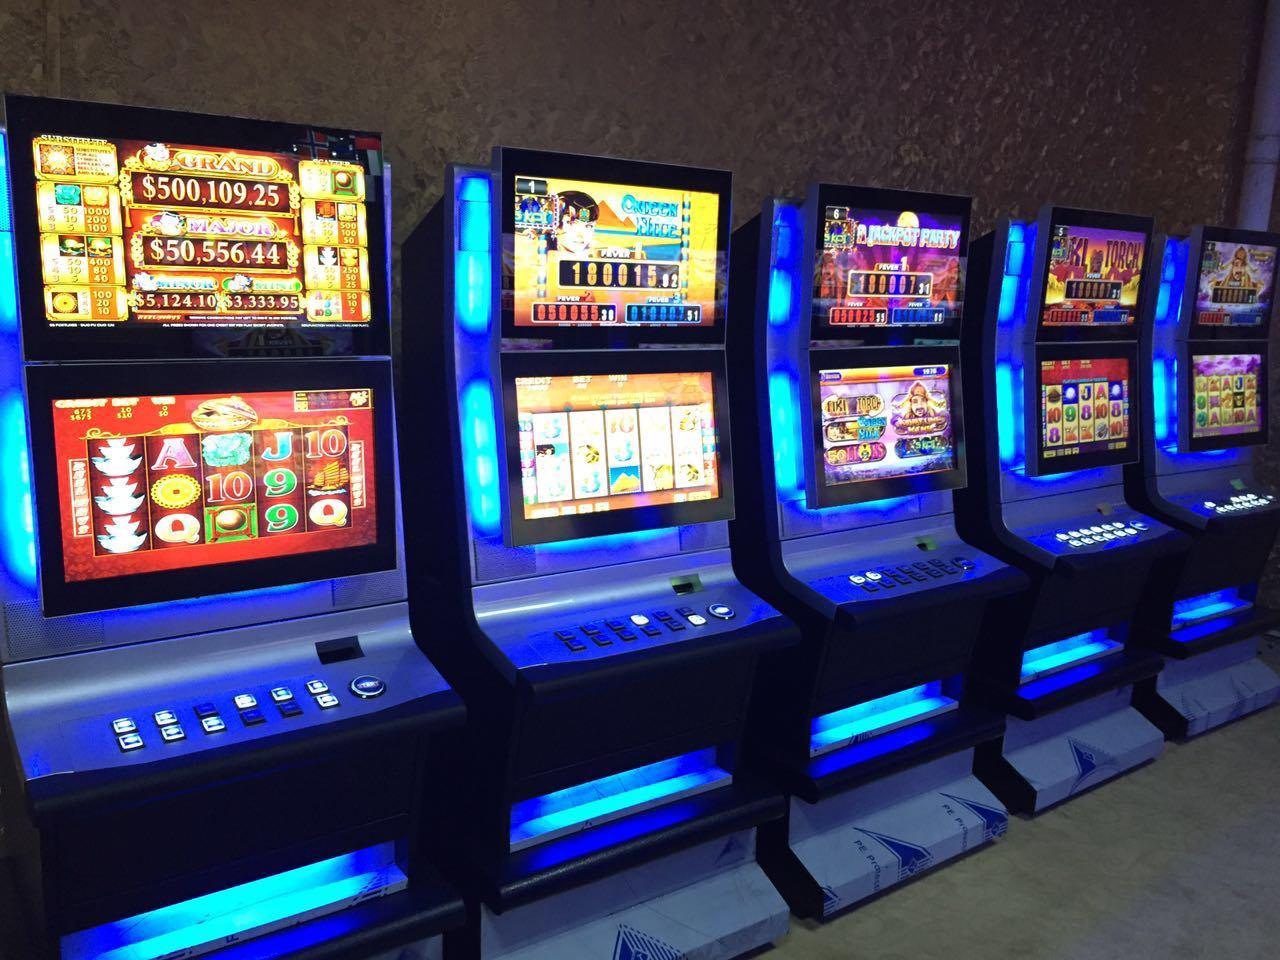 Poker Video Game Casino Slots Machine for Indoor Playground - China Game  Machine and Slot Machine price | Made-in-China.com